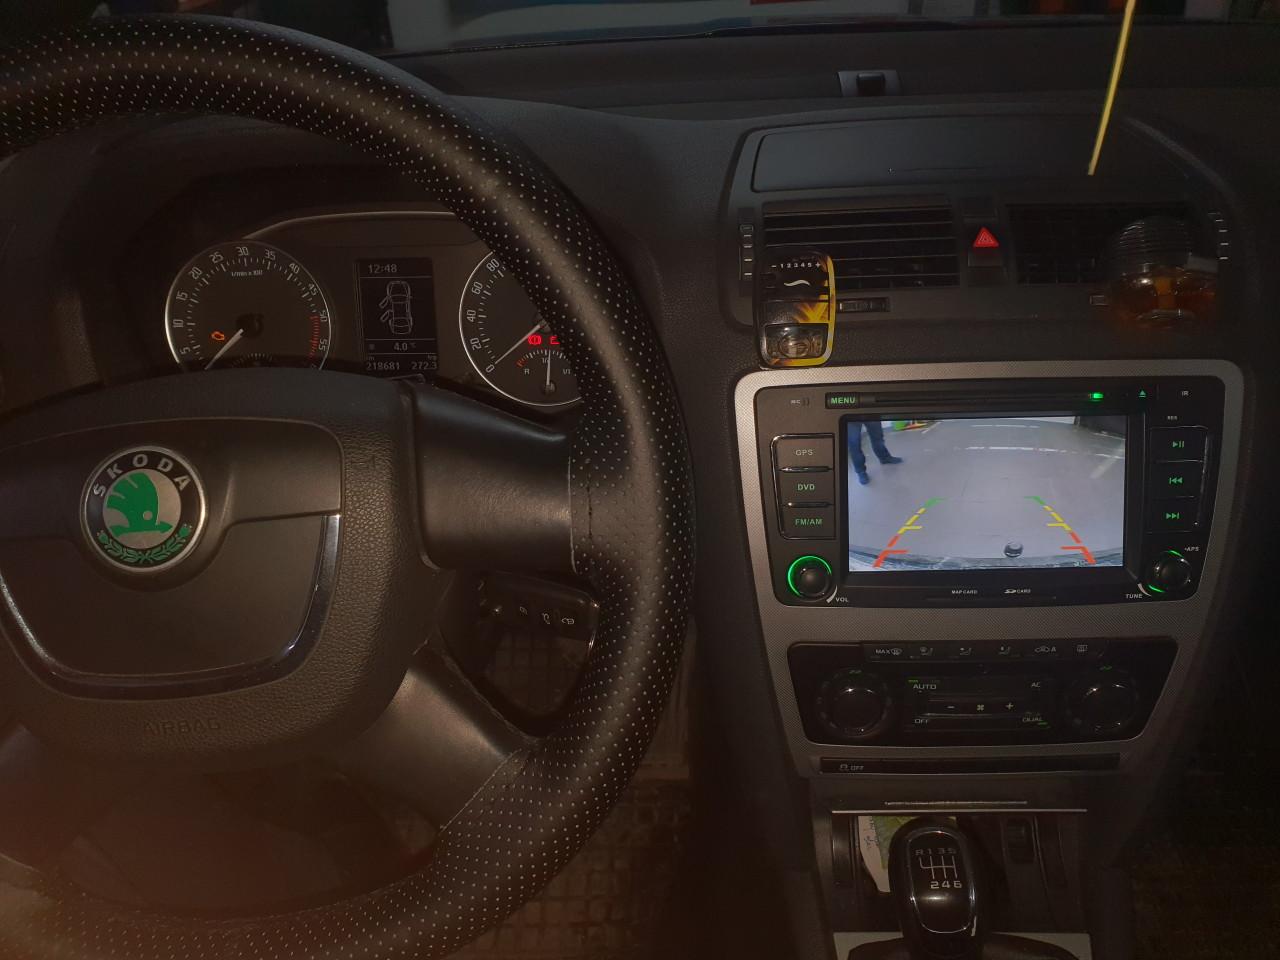 Montez navigații dedicate GPS dvd tetiere camere video boxe subwoofer alarme incălzire scaune